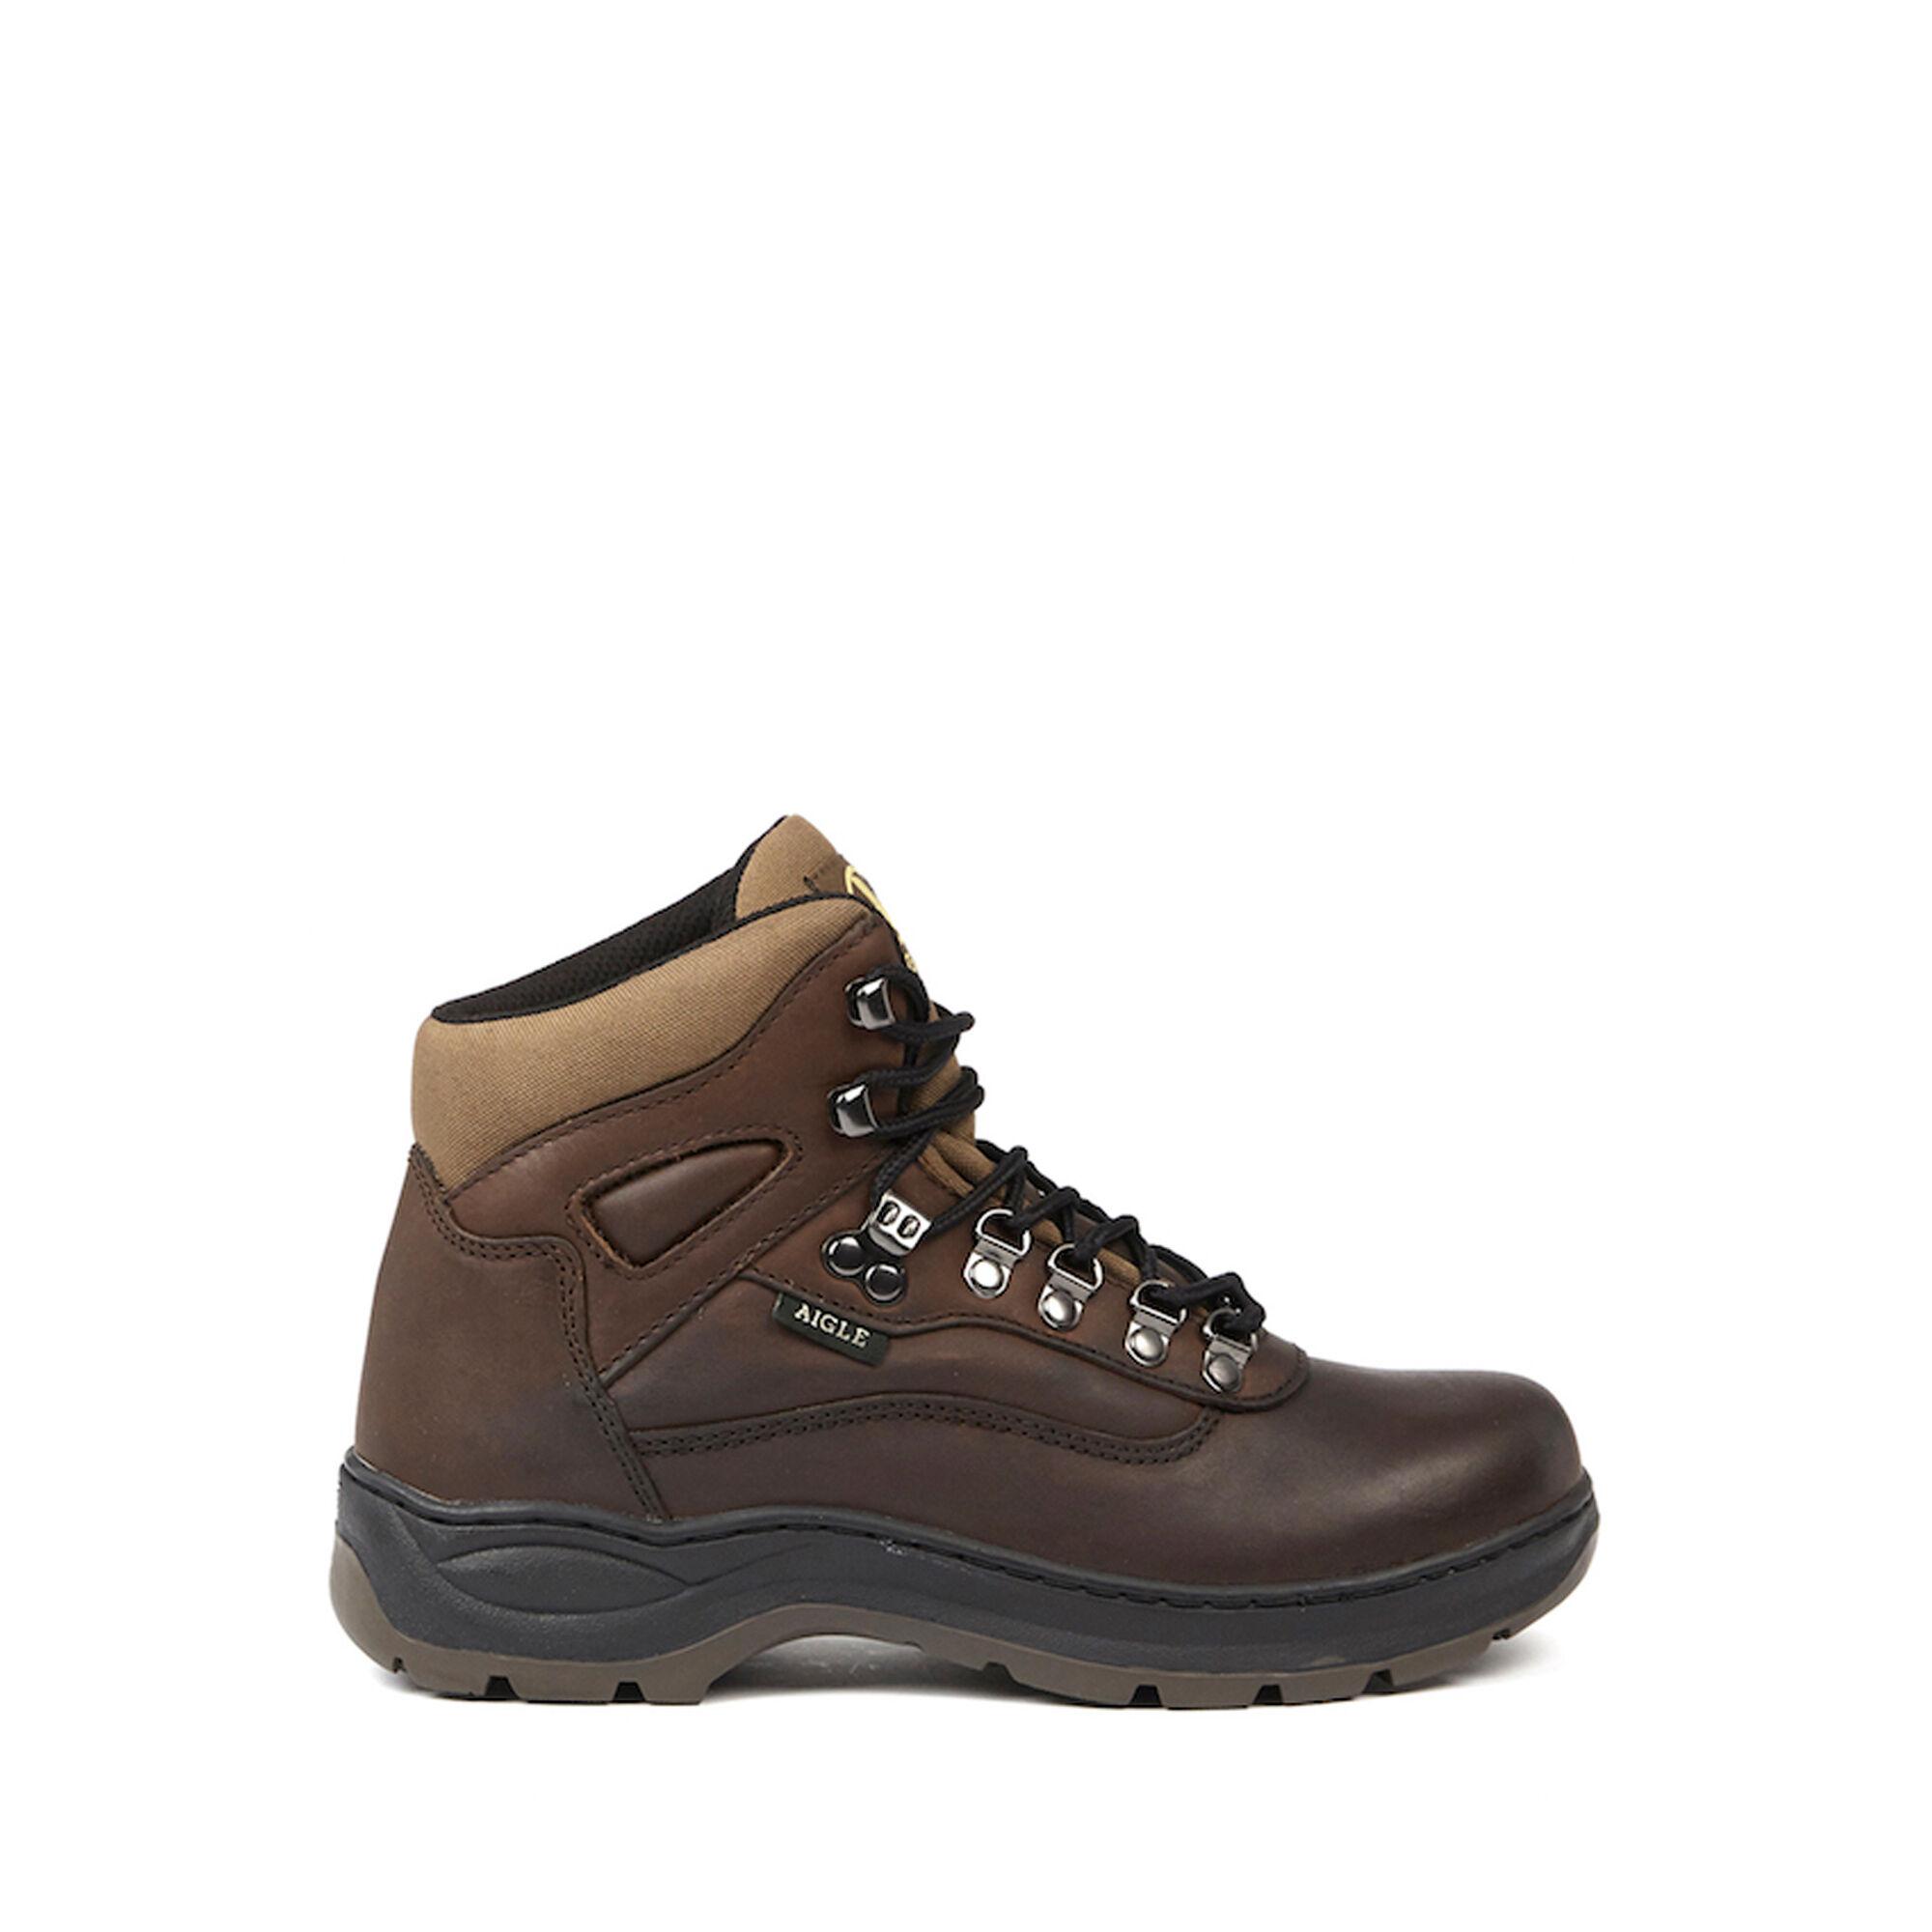 Aigle Cuir Chaussures Chaussures Aigle Cuir Homme Chaussures Homme q8B00